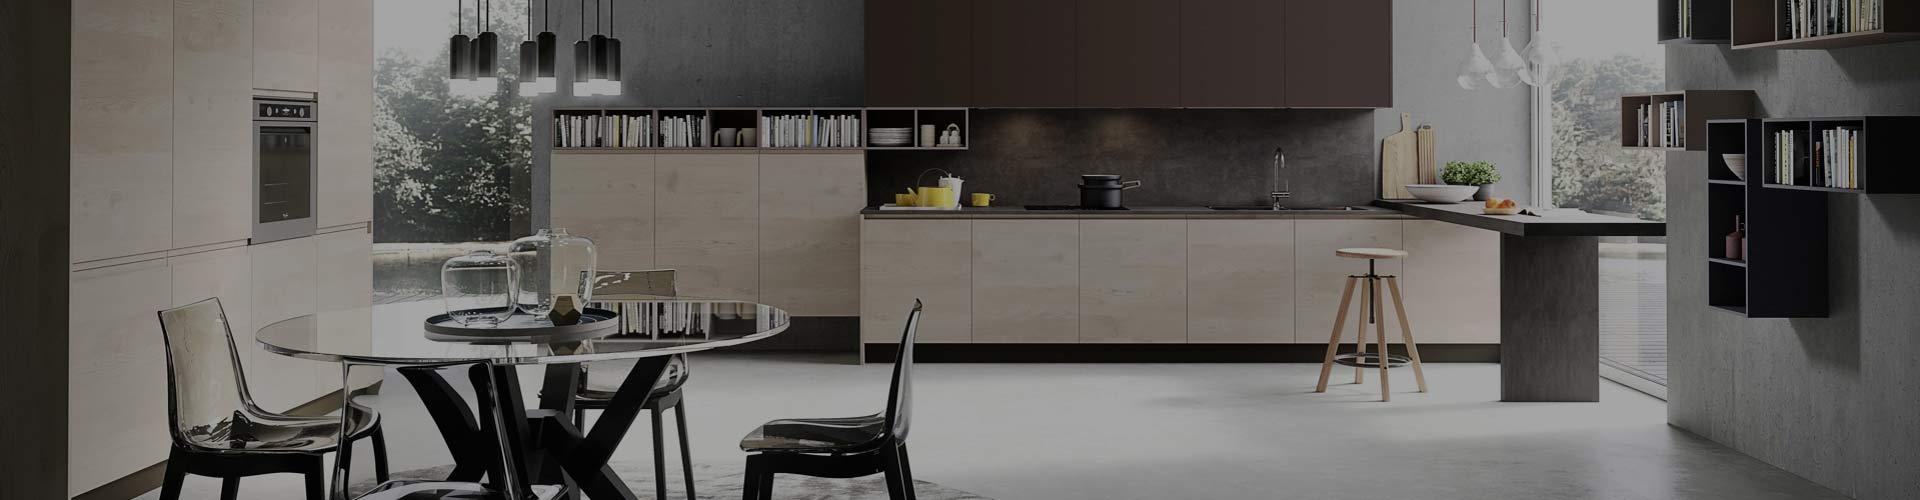 arredamento casa cucine divani soggiorni tavoli e On arredamenti bruschi